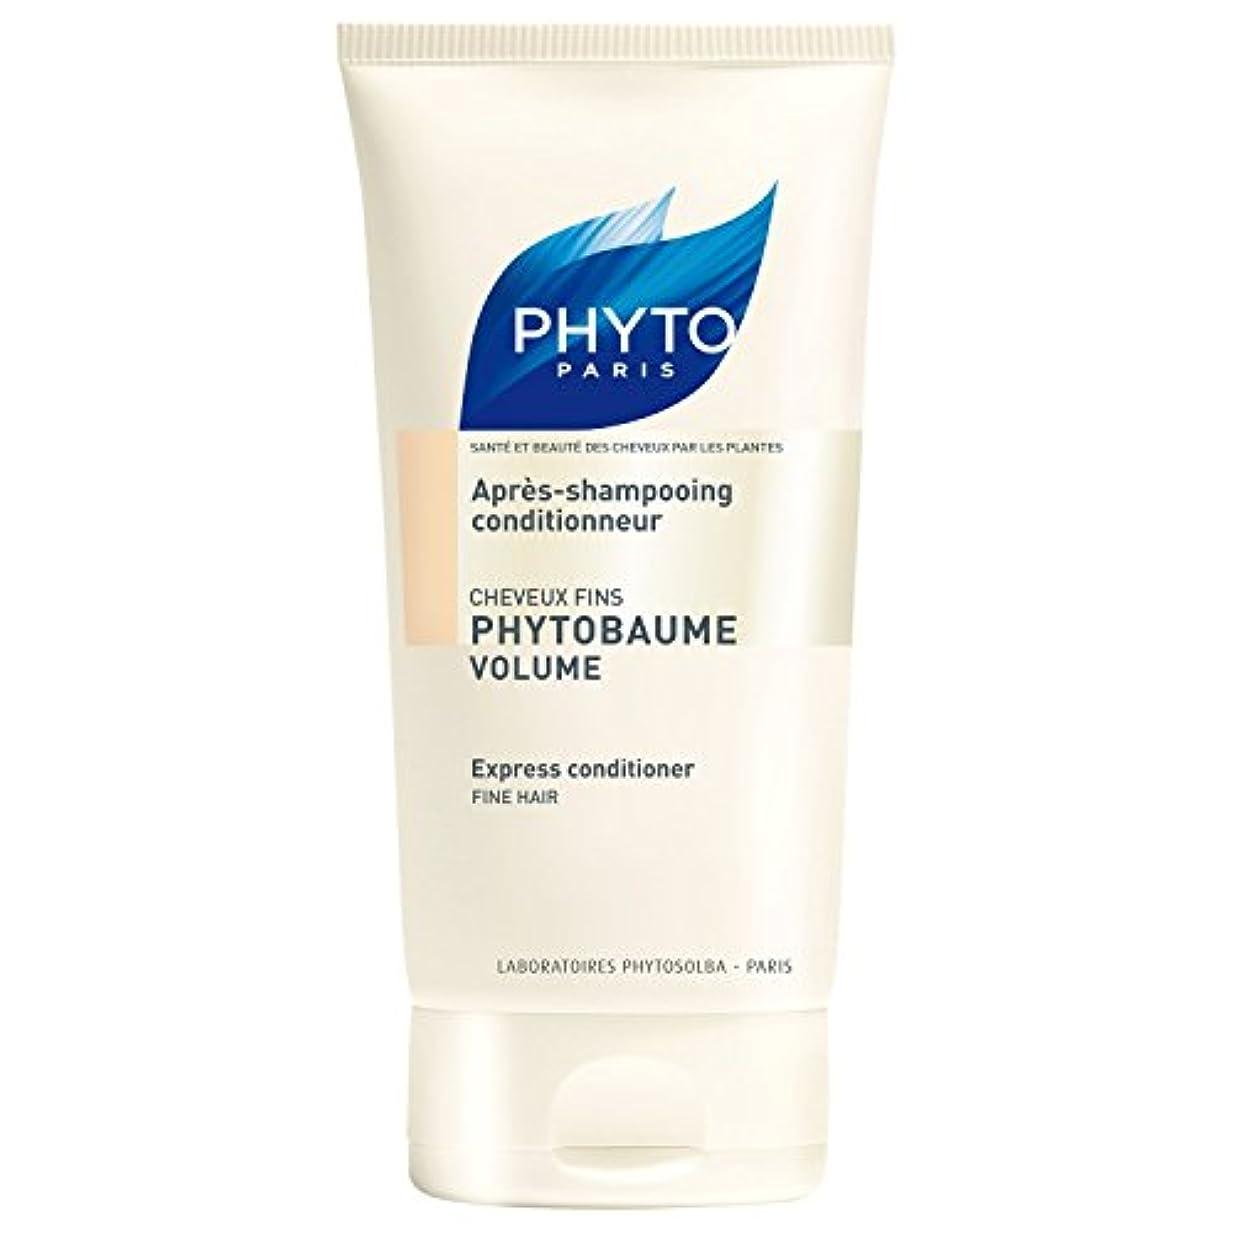 服勧告オークション細い髪の150ミリリットルのためのフィトPhytobaumeボリュームエクスプレスコンディショナー (Phyto) (x2) - Phyto Phytobaume Volume Express Conditioner for...